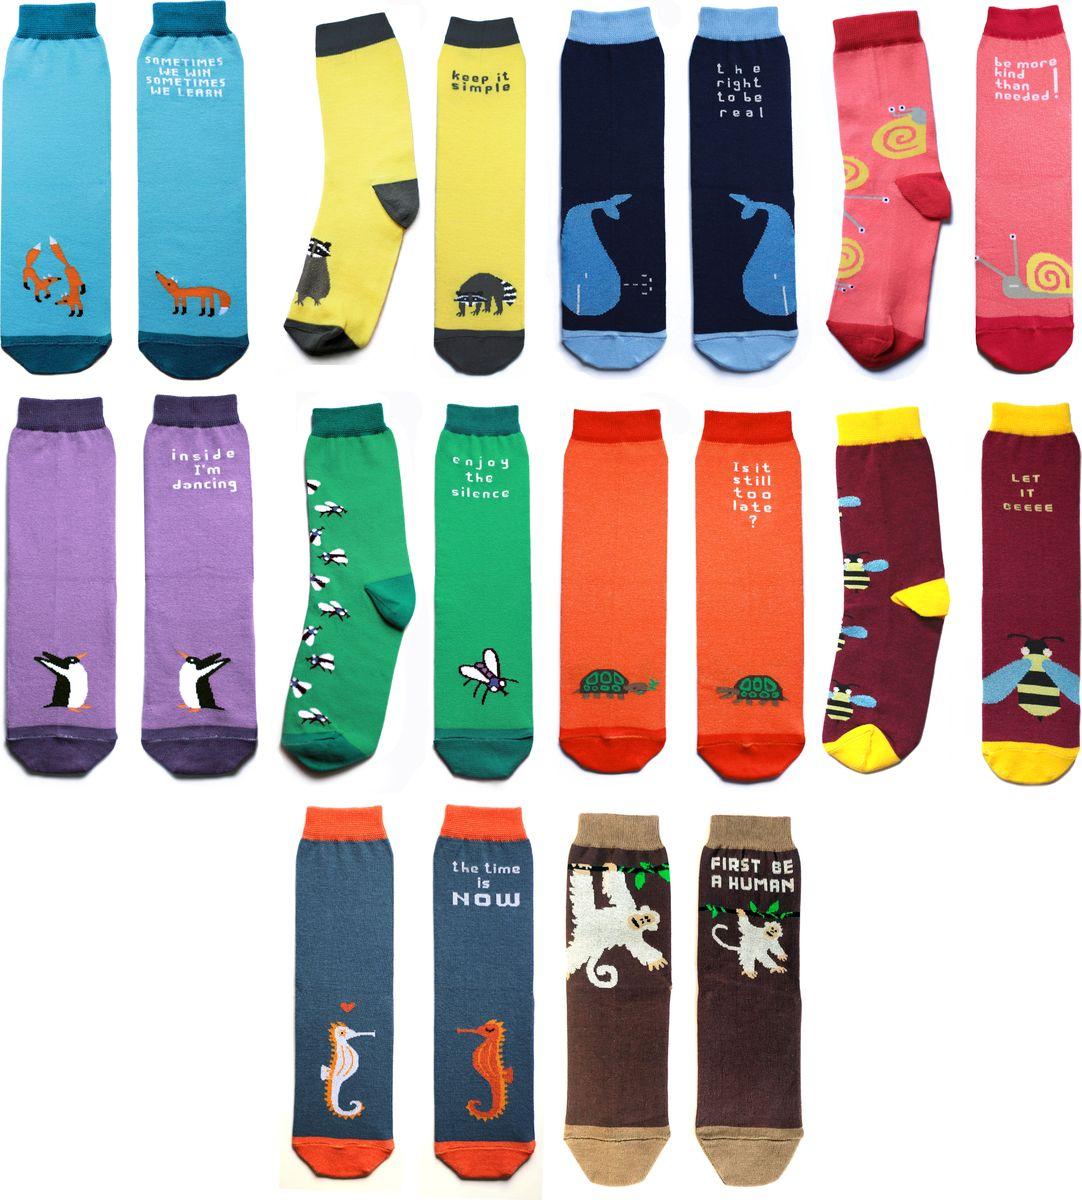 Носки Big Bang Socks, цвет: голубой, желтый, синий, зеленый, оранжевый, 10 пар. p011031. Размер 40/44p011031Подарочный набор ярких, оригинальных носков с несимметричными принтами лиса, енот, кит, муха, черепашка, улитка, пингвин, обезьянка, морской конек, оса